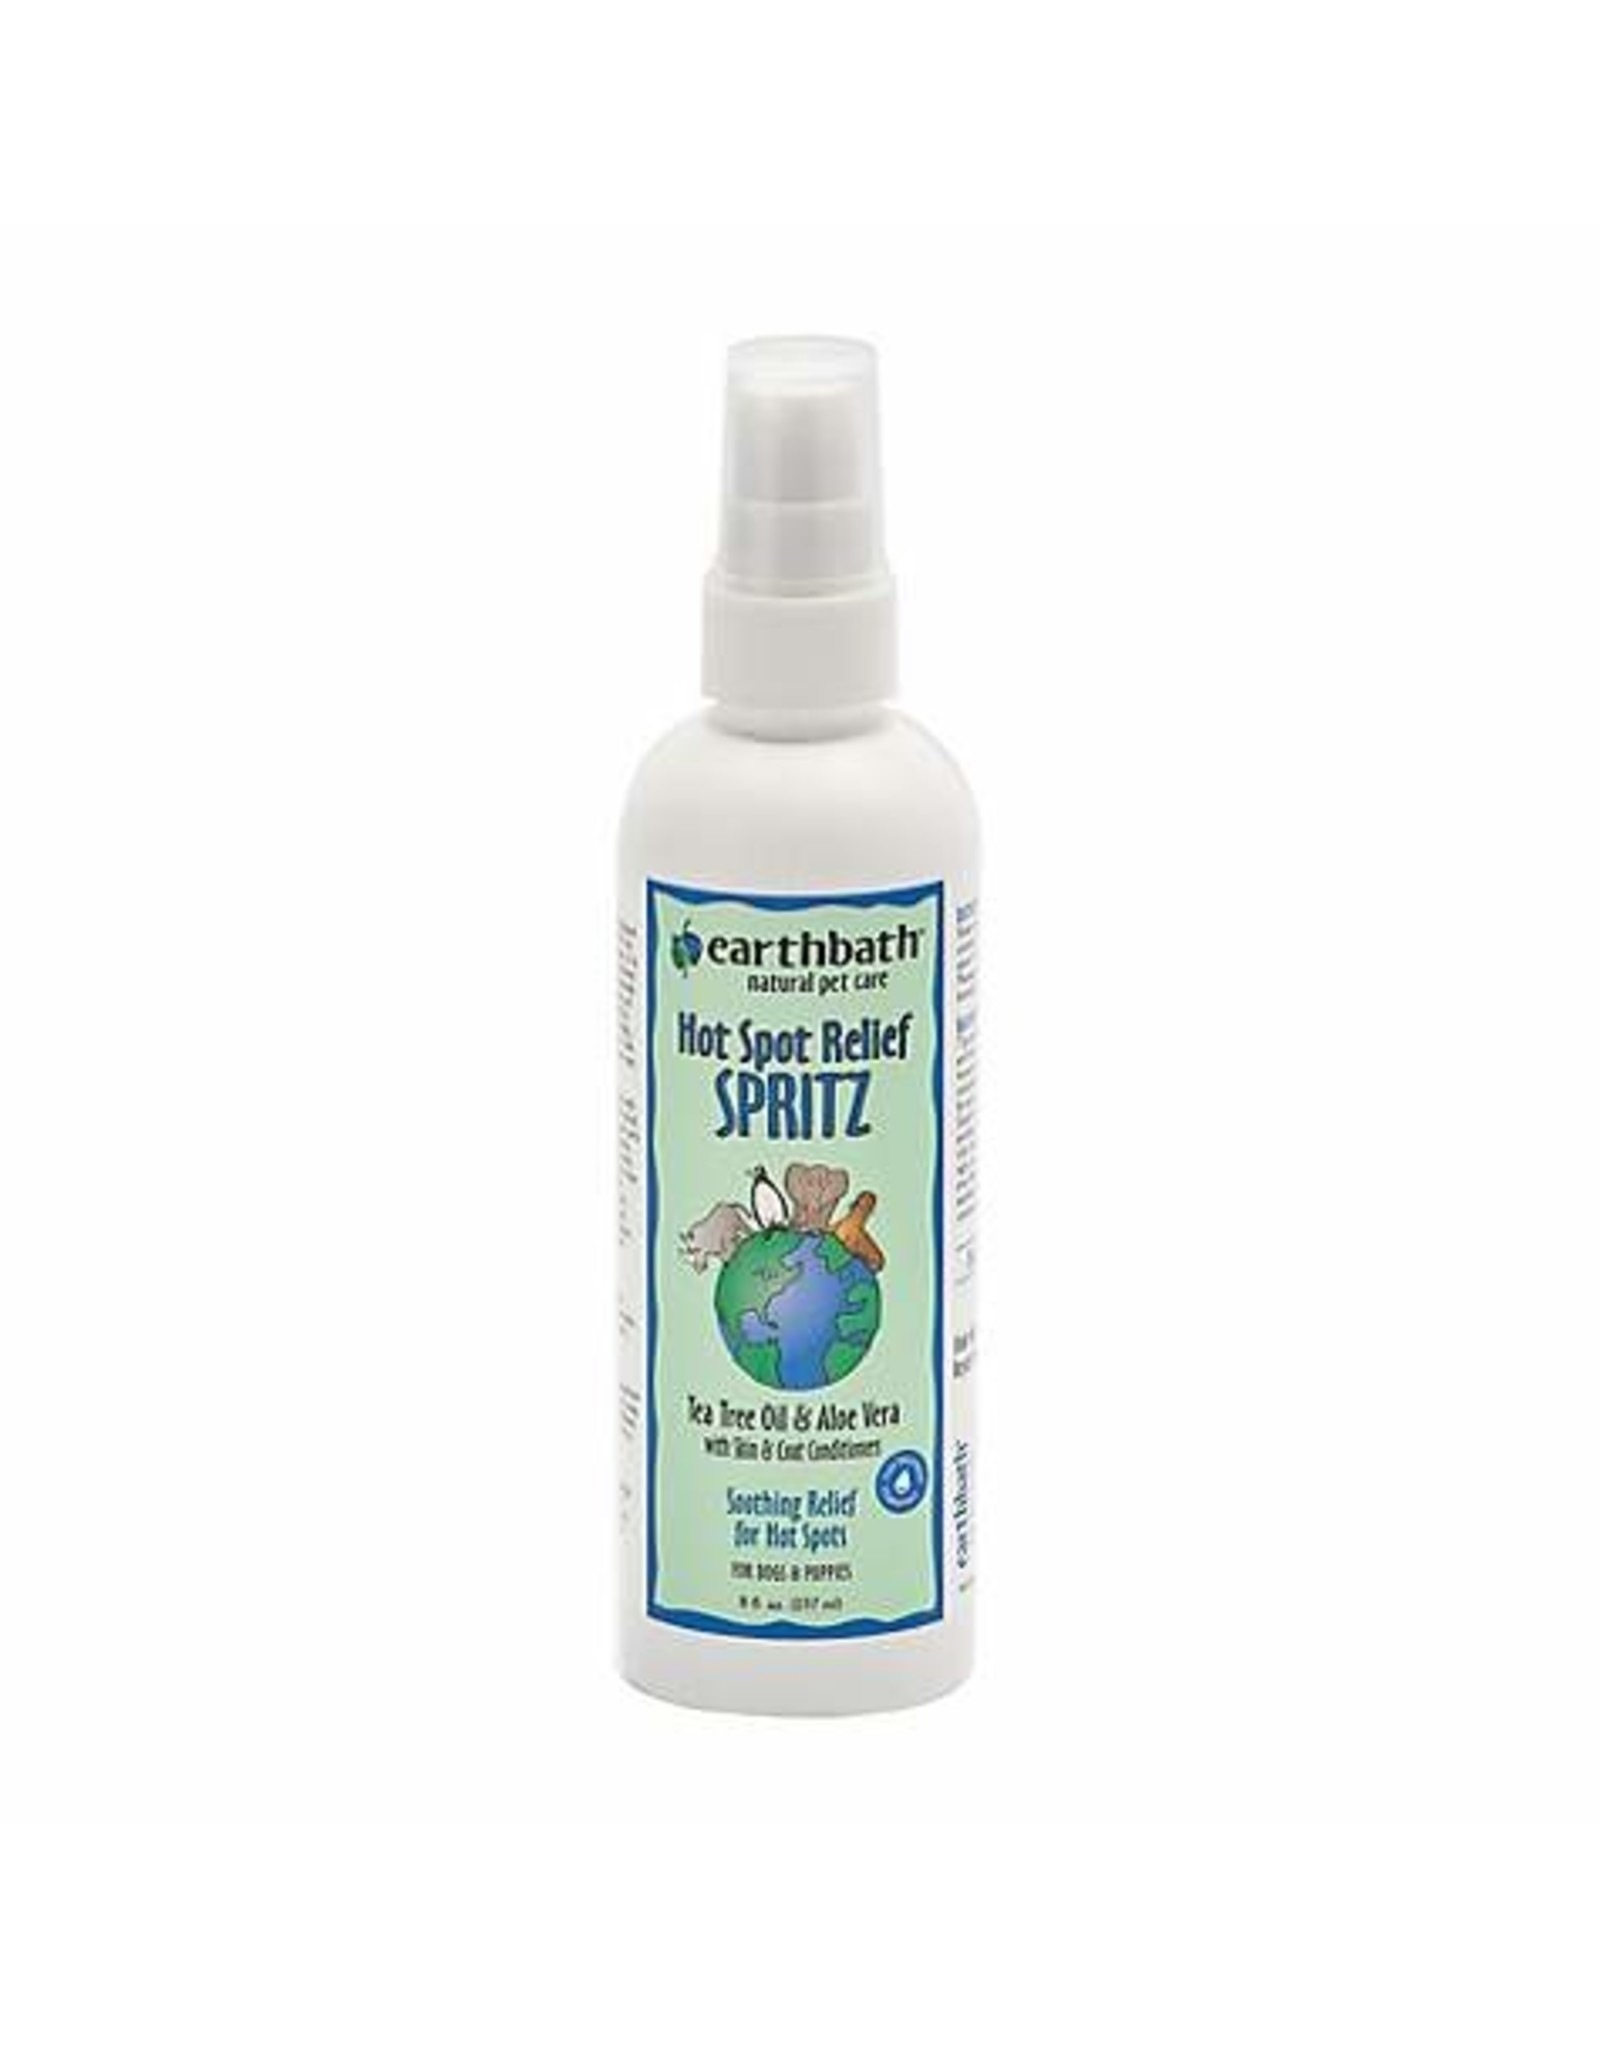 Earthbath Earthbath Hot Spot Relief Spritz 8oz